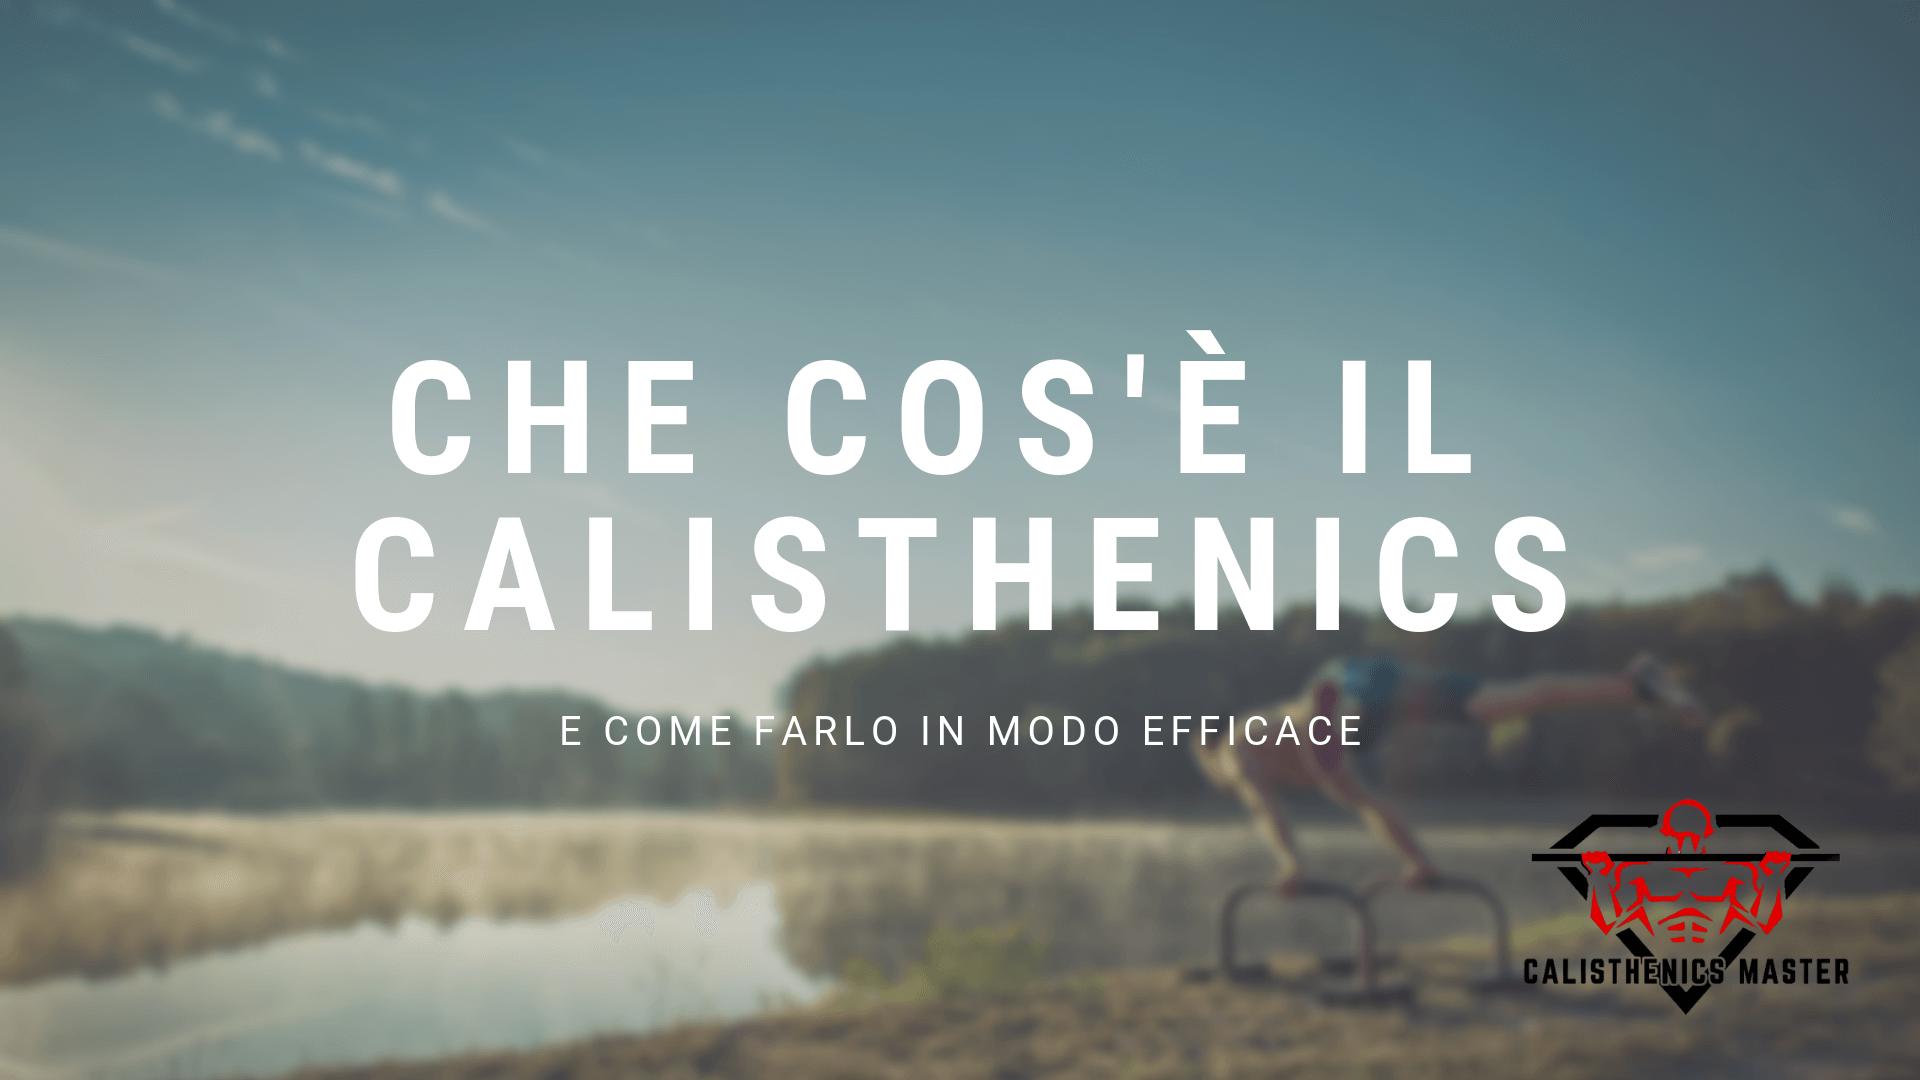 Che cos'è il Calisthenics e Come Farlo in Modo Efficace